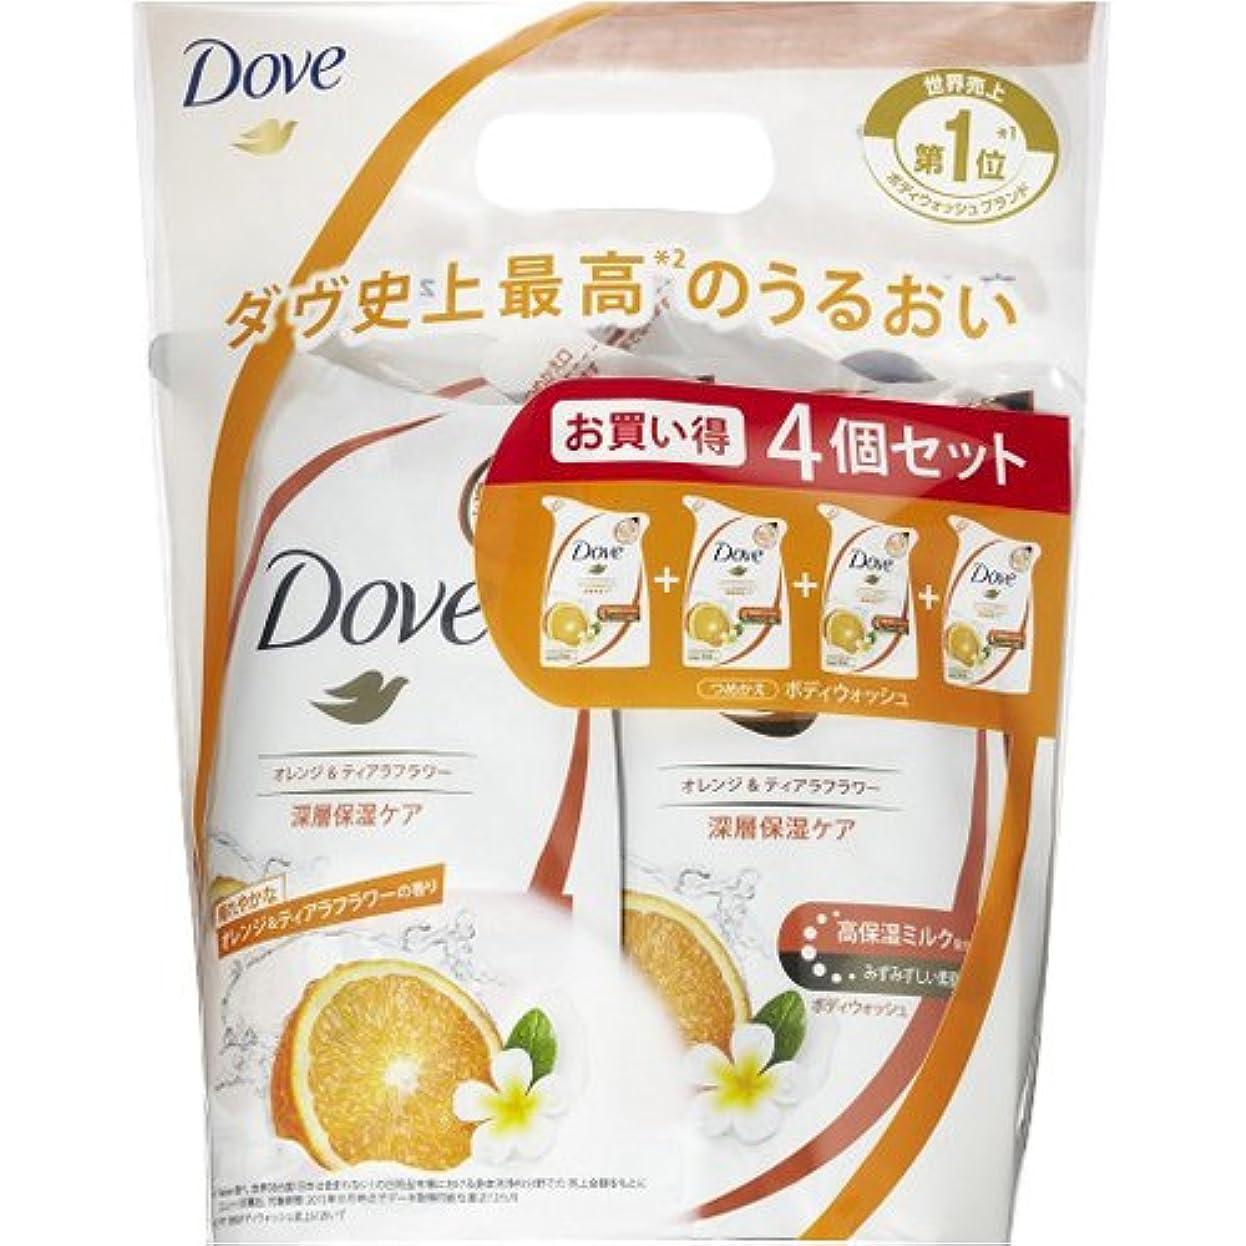 推測ごめんなさい発表Dove ダヴ ボディウォッシュ オレンジ & ティアラフラワー つめかえ用 360g×4個セット